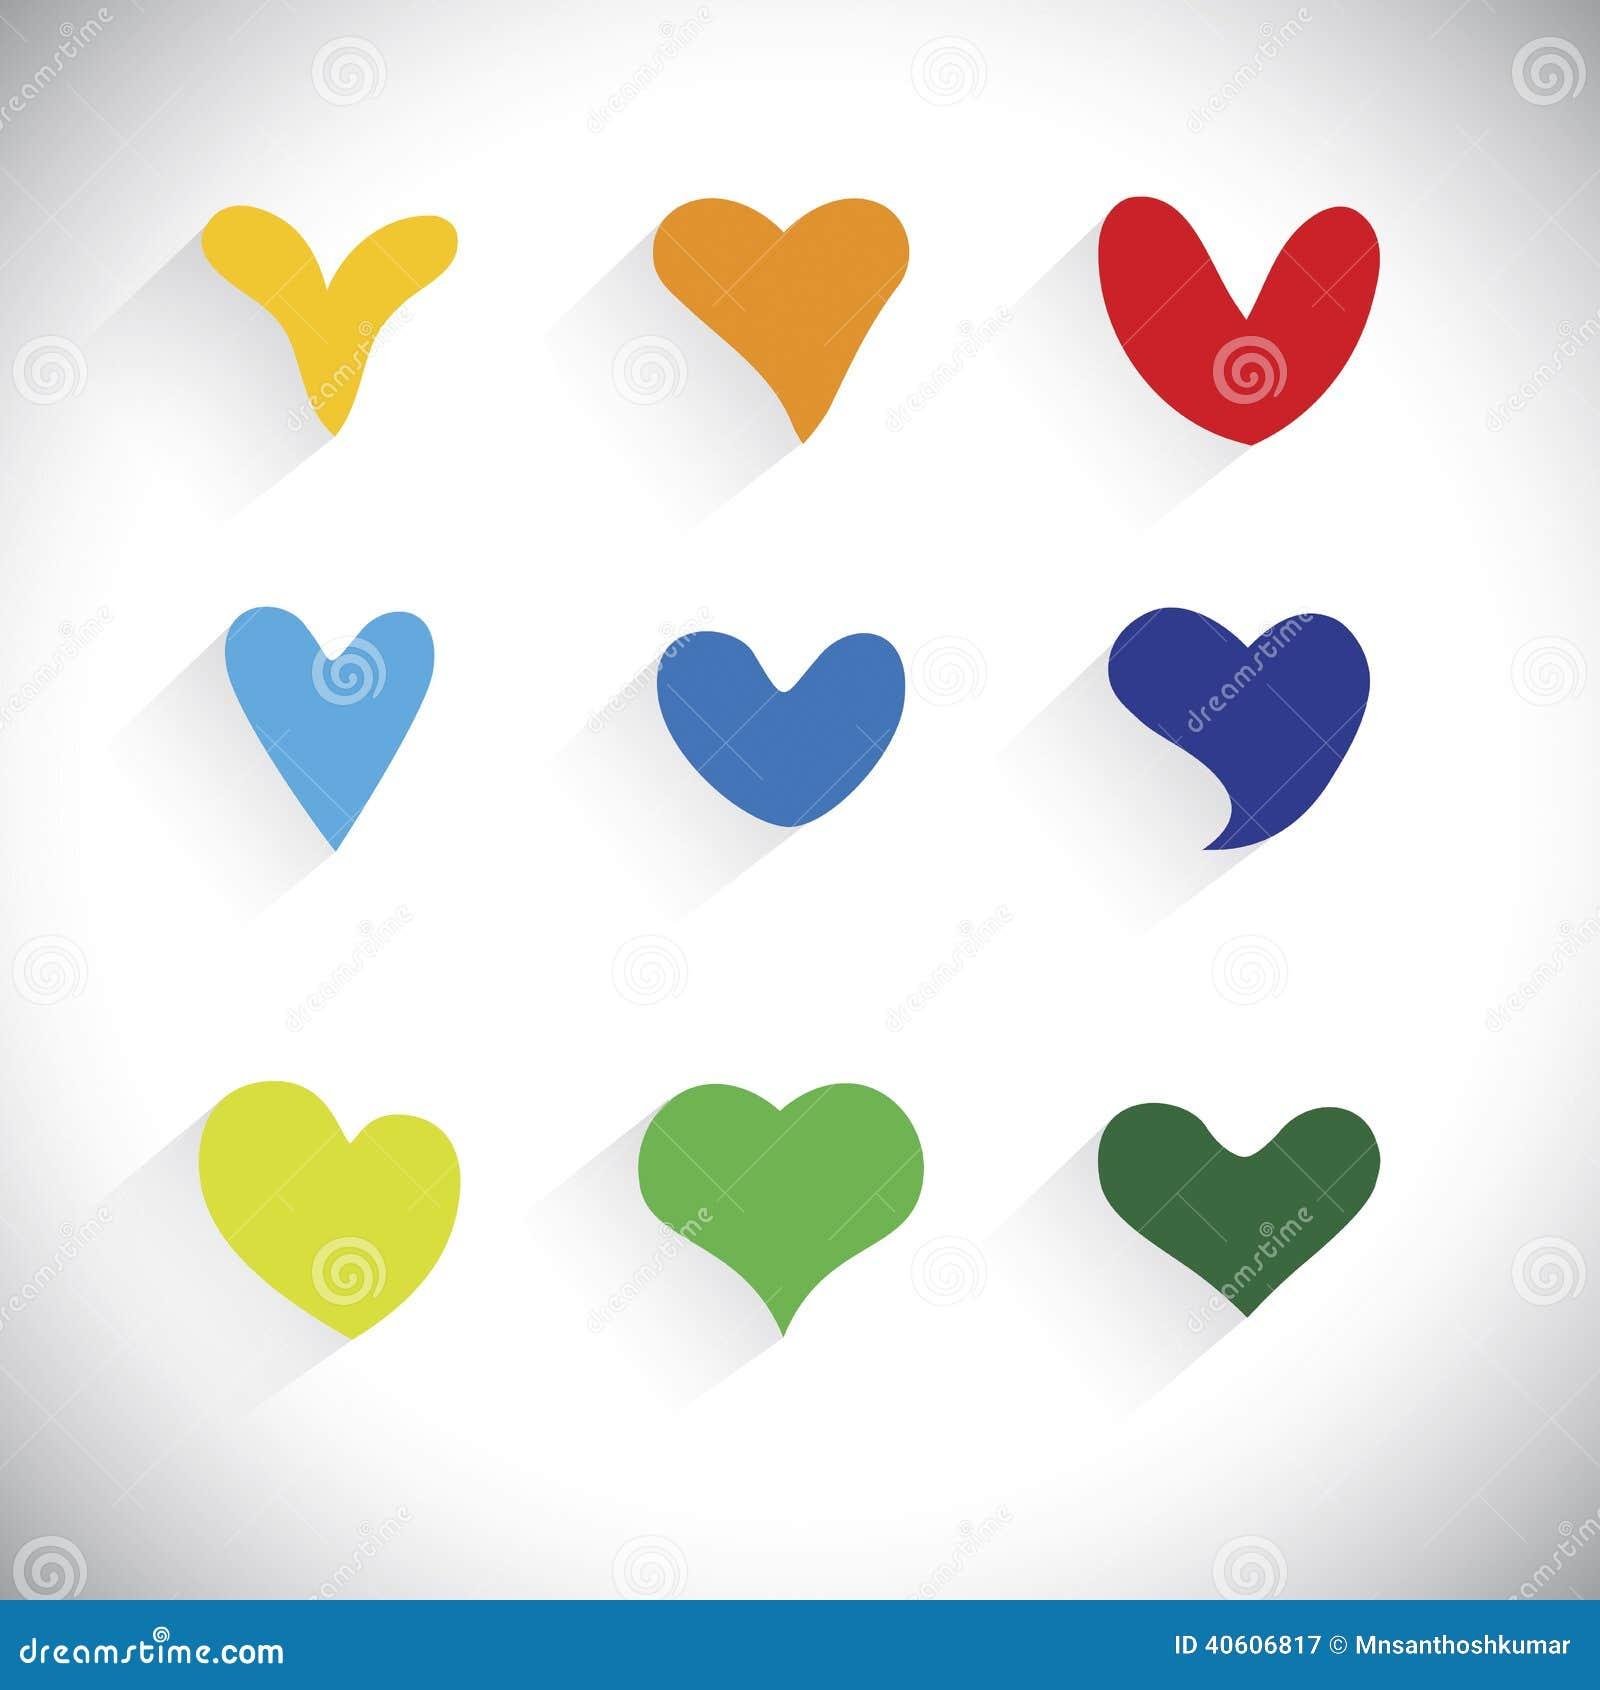 Os projetos lisos do coração colorido dão forma a ícones - gráfico de vetor